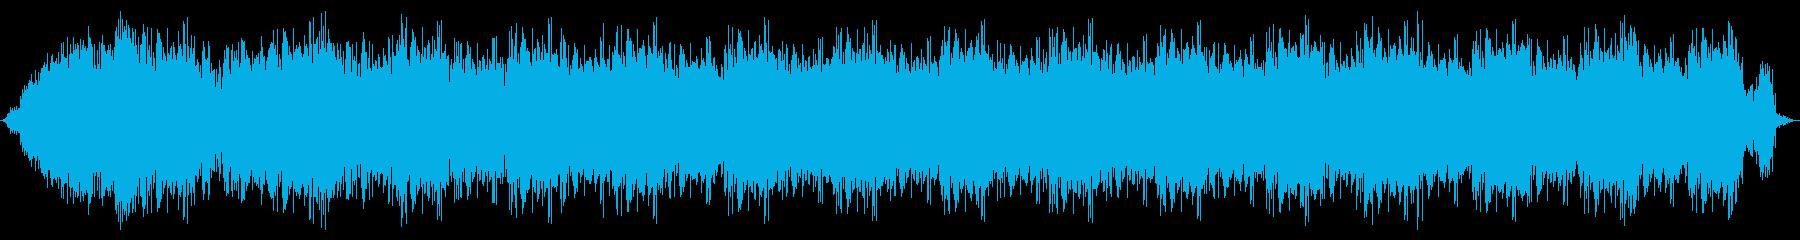 炎上(ゴーー)の再生済みの波形